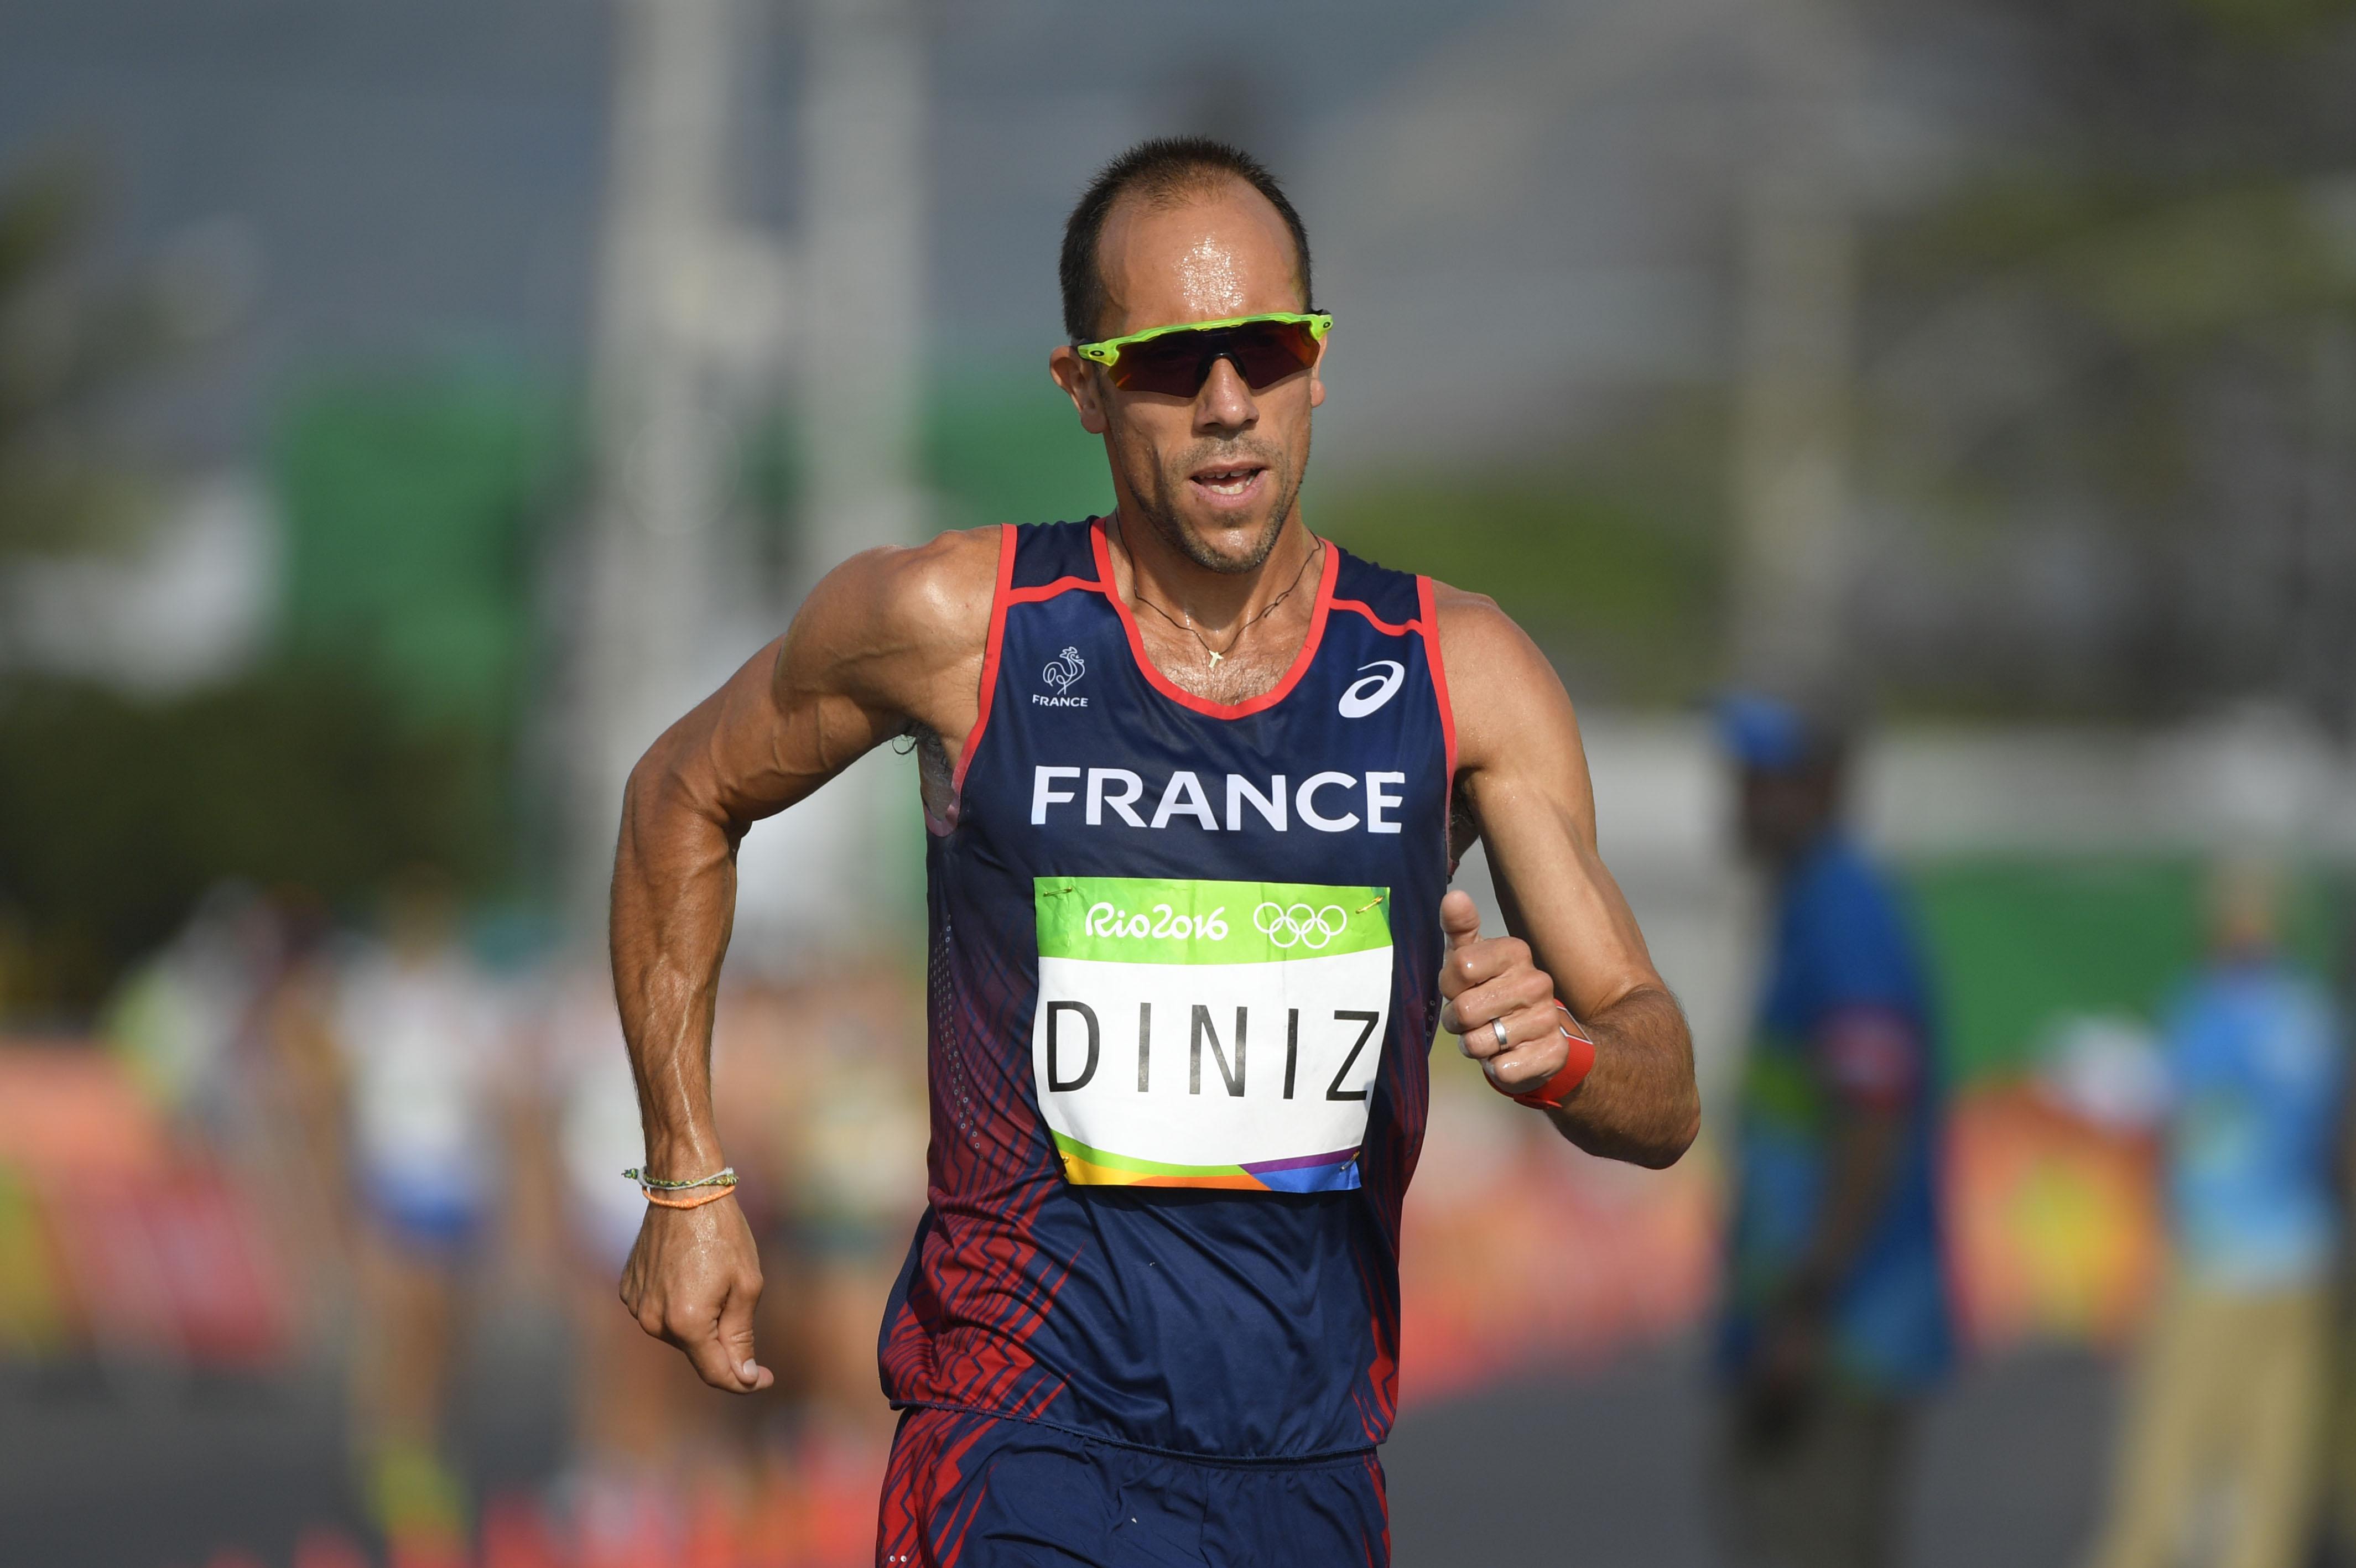 Az olimpia legnagyobb drámai hőse: a világcsúcstartó Yohann Diniz összefosta magát az 50 km-es gyalogláson, de nem adta fel